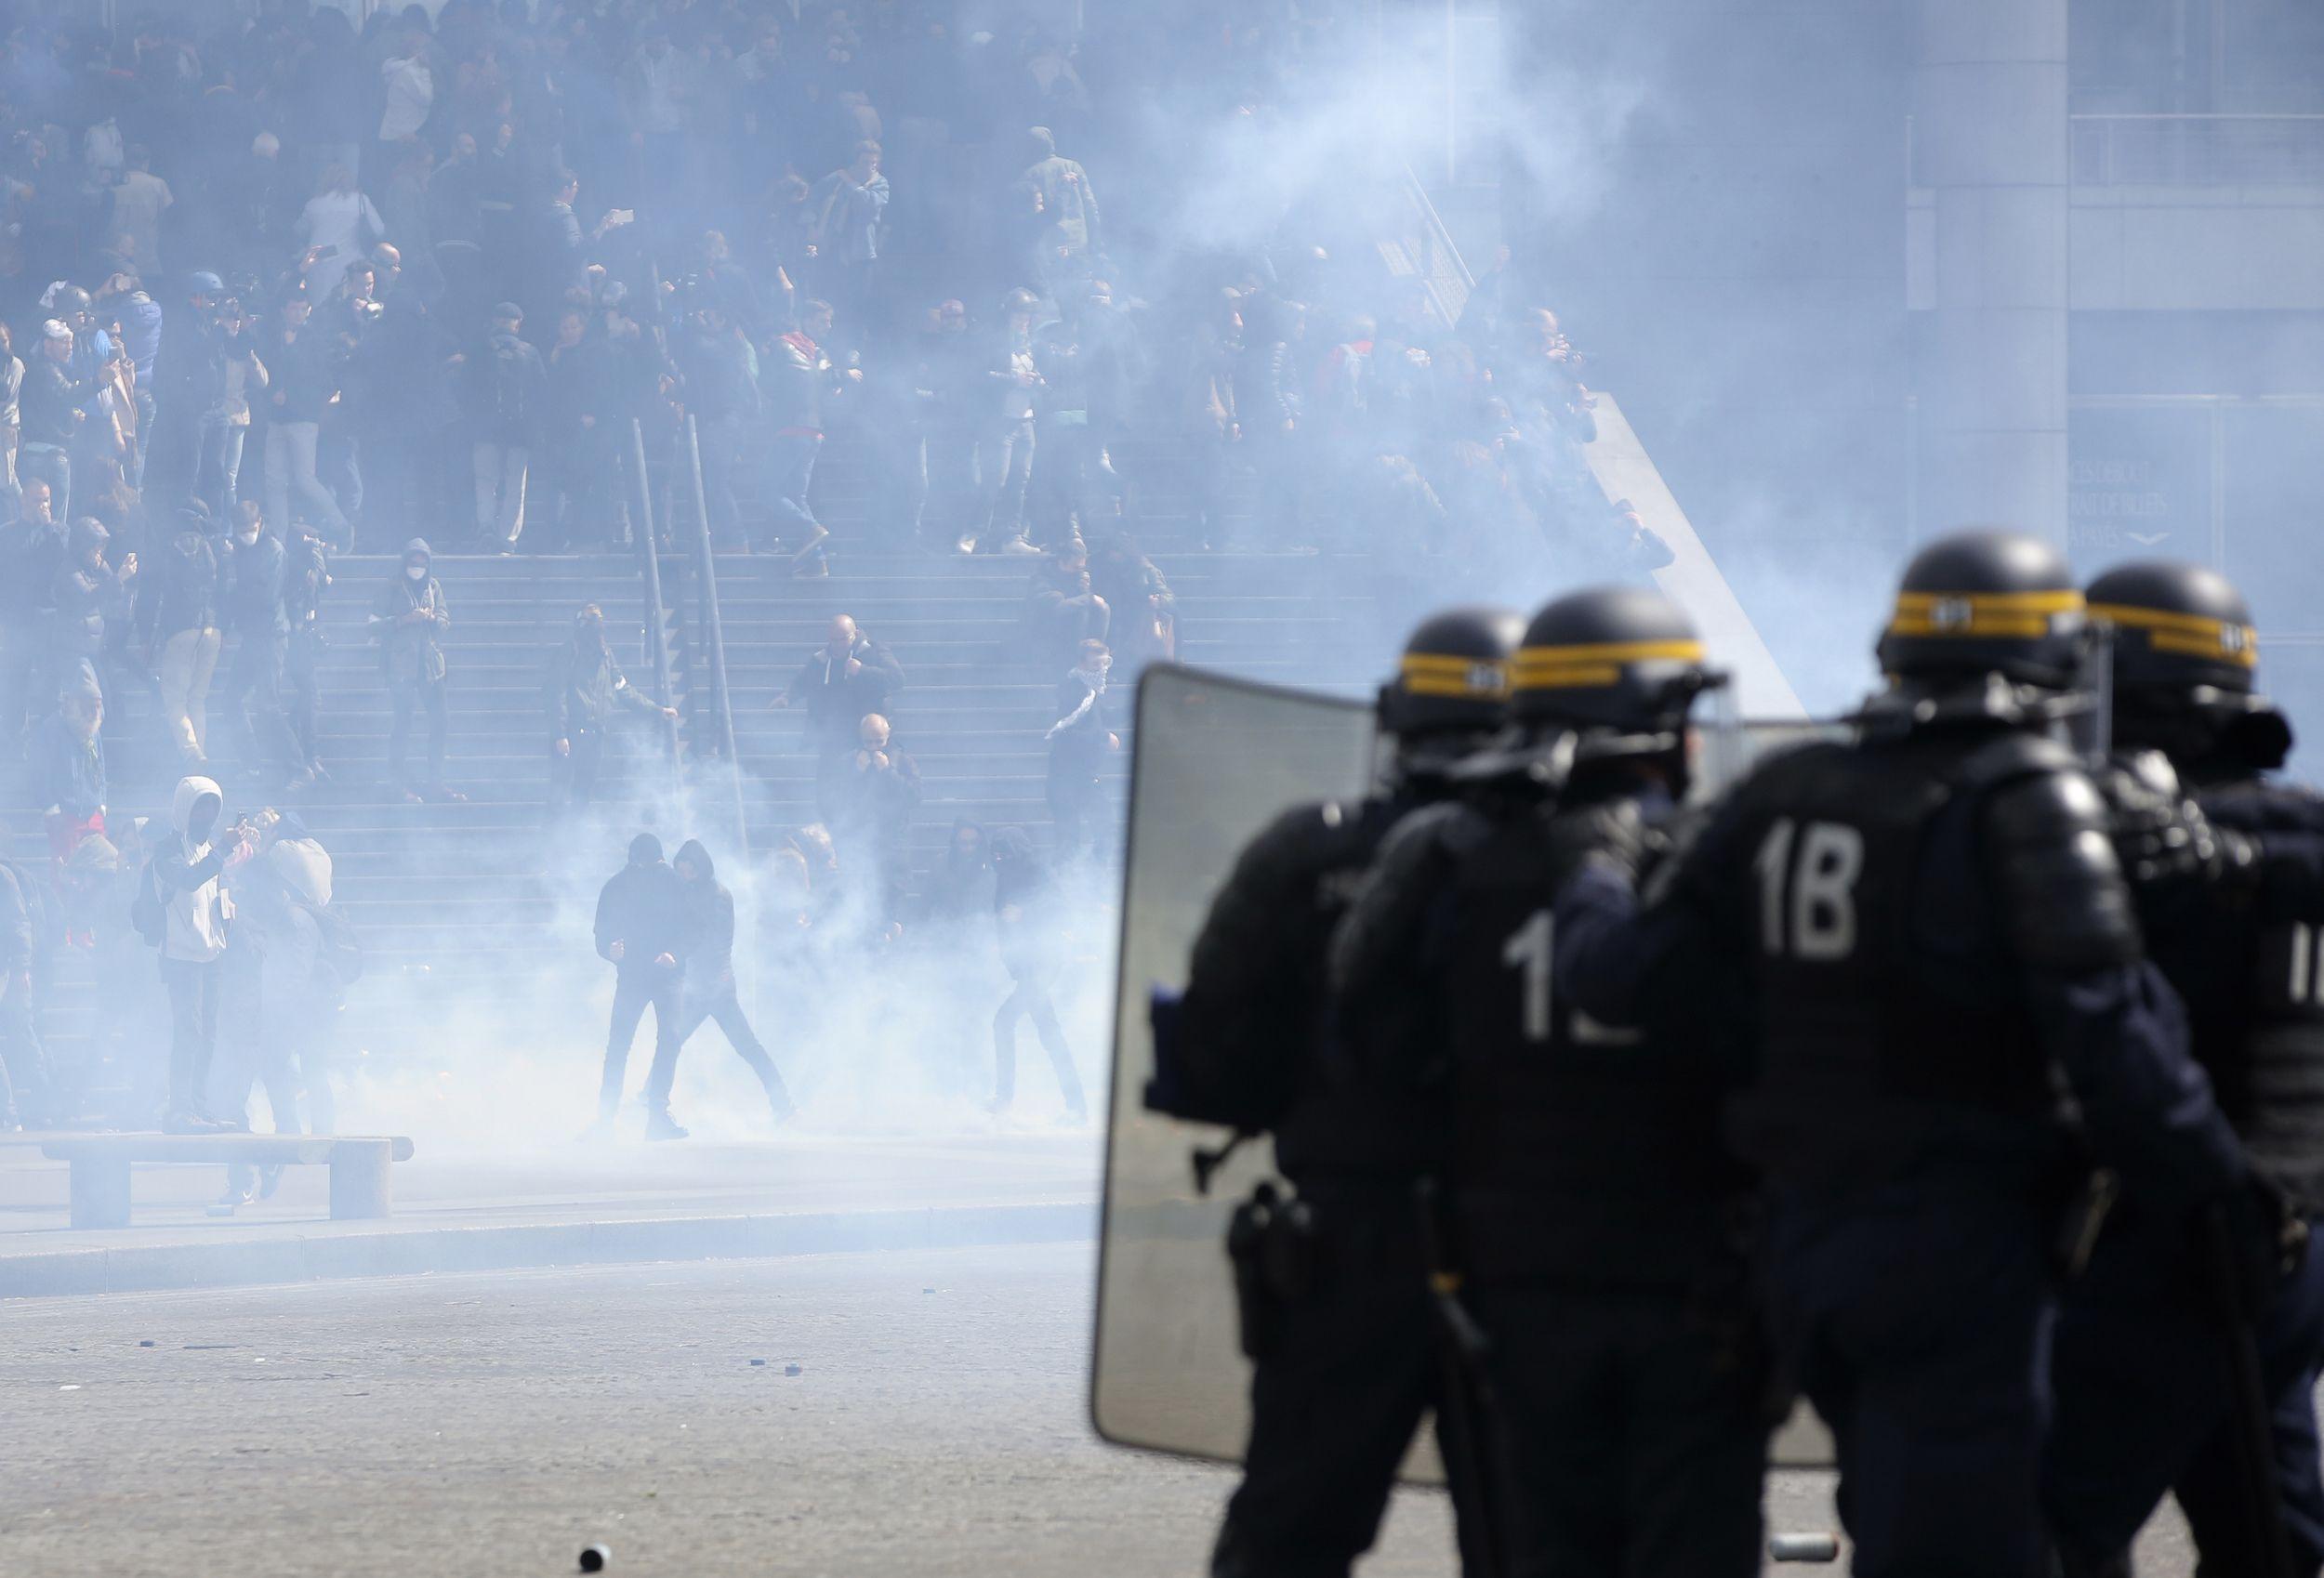 Los agentes de la policía antidisturbios franceses lanzaron gases lacrimógenos a los manifestantes durante la manifestación del 1 de mayo en París.